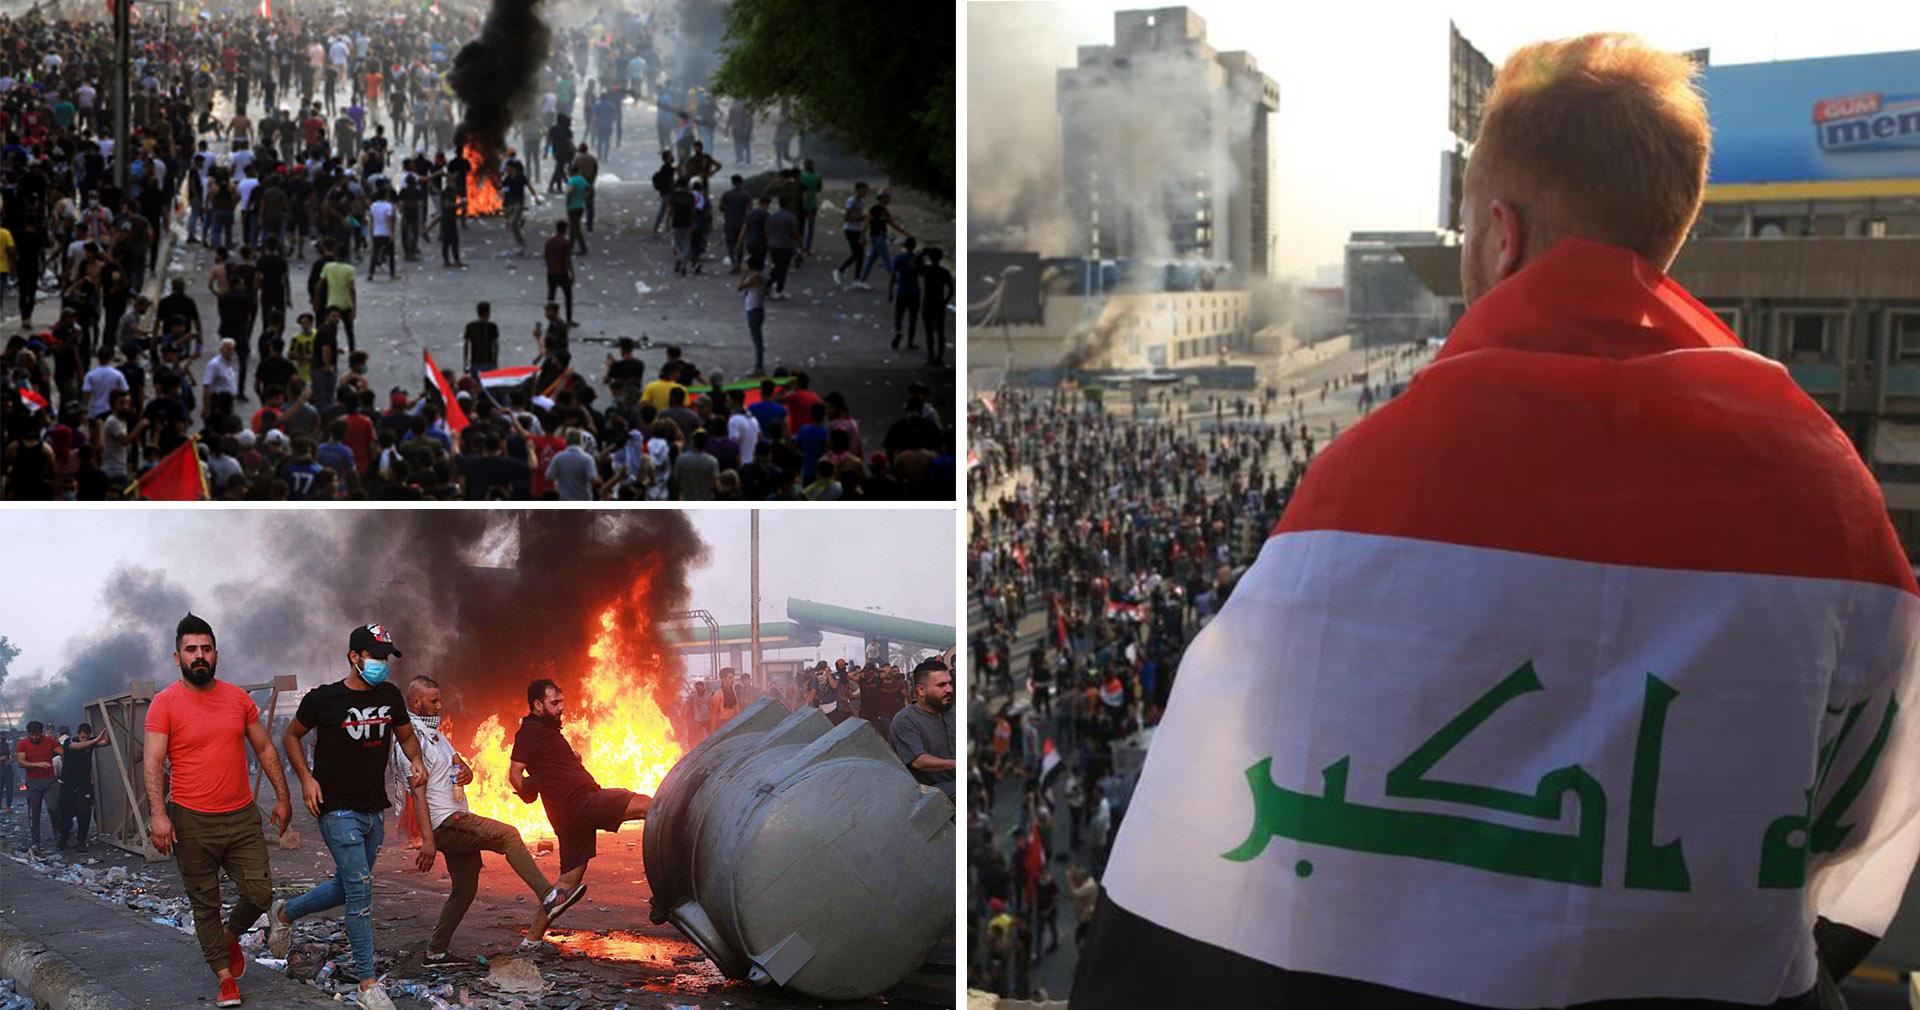 احتجاجات أكتوبر: ما هي حدود عملية التغيير في العراق؟ – إضاءات